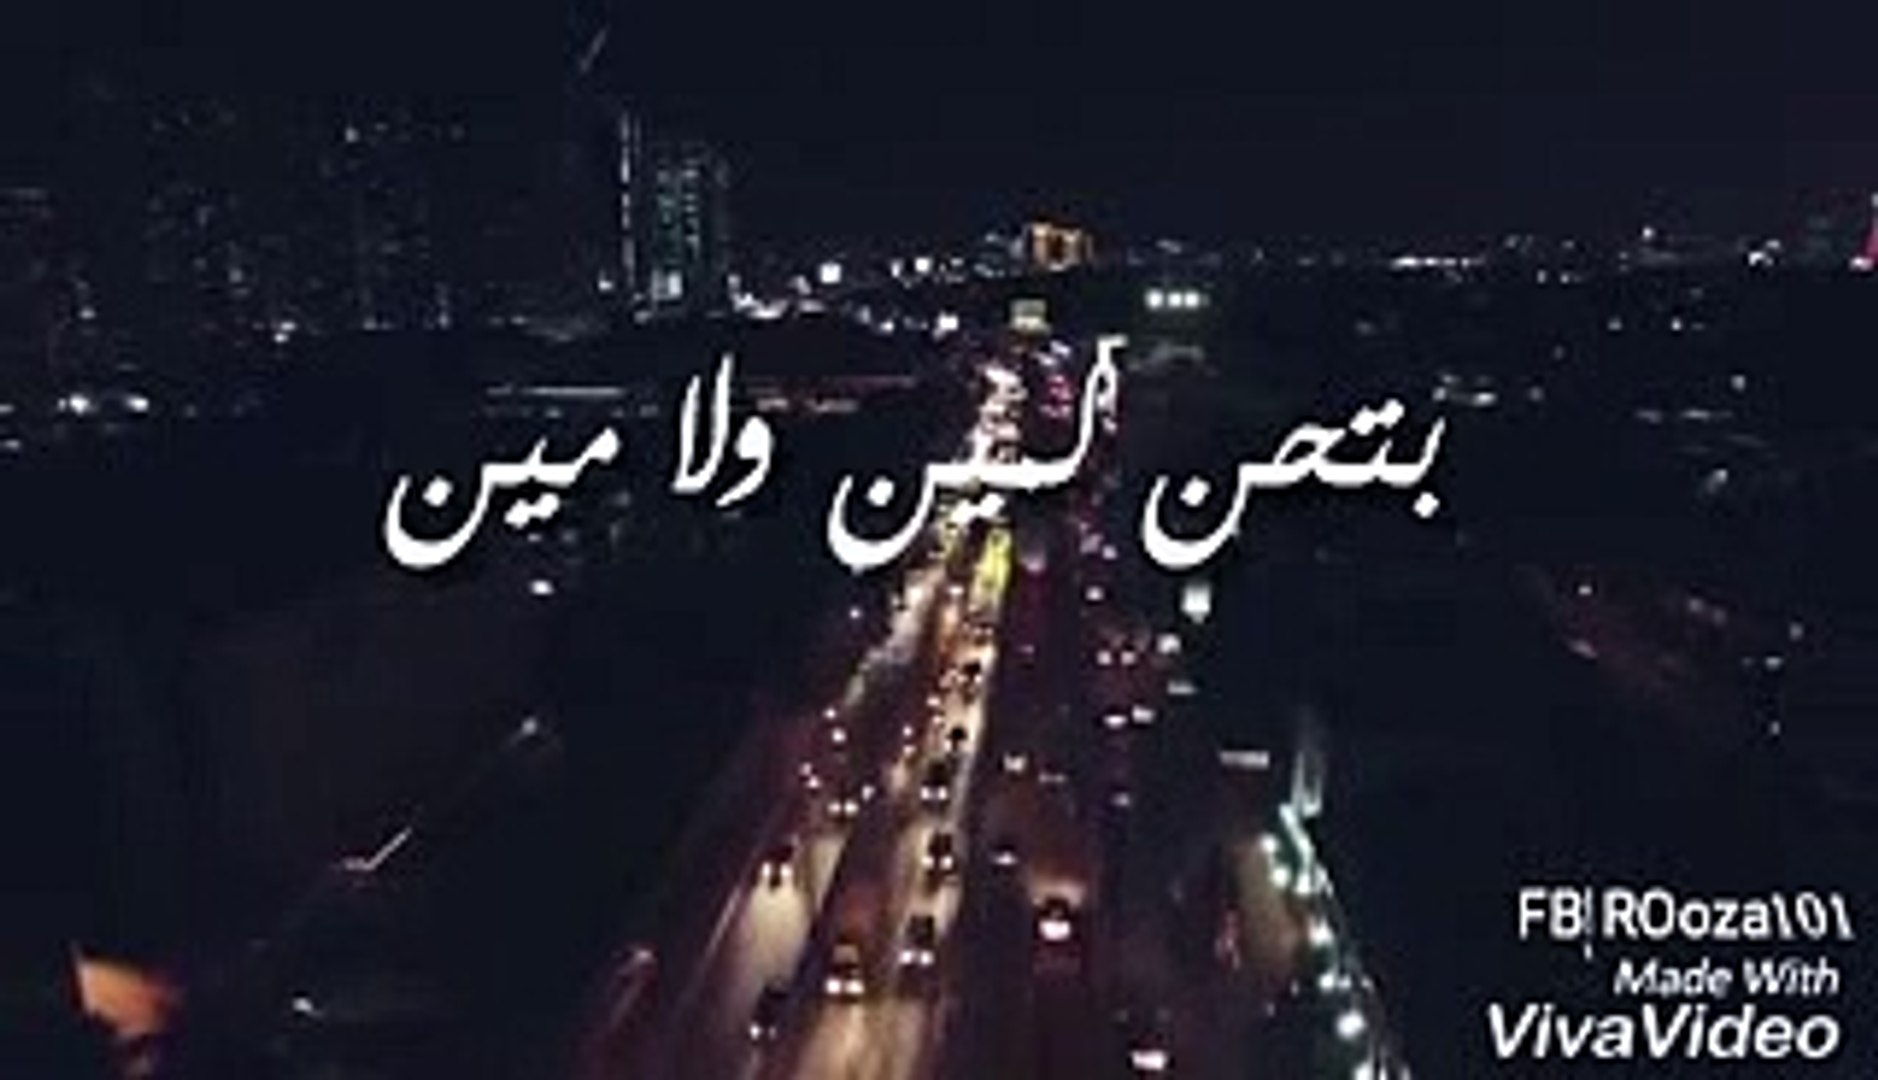 حالات واتساب حزينه 2019 كل اللى معاك فى الصورة غاب